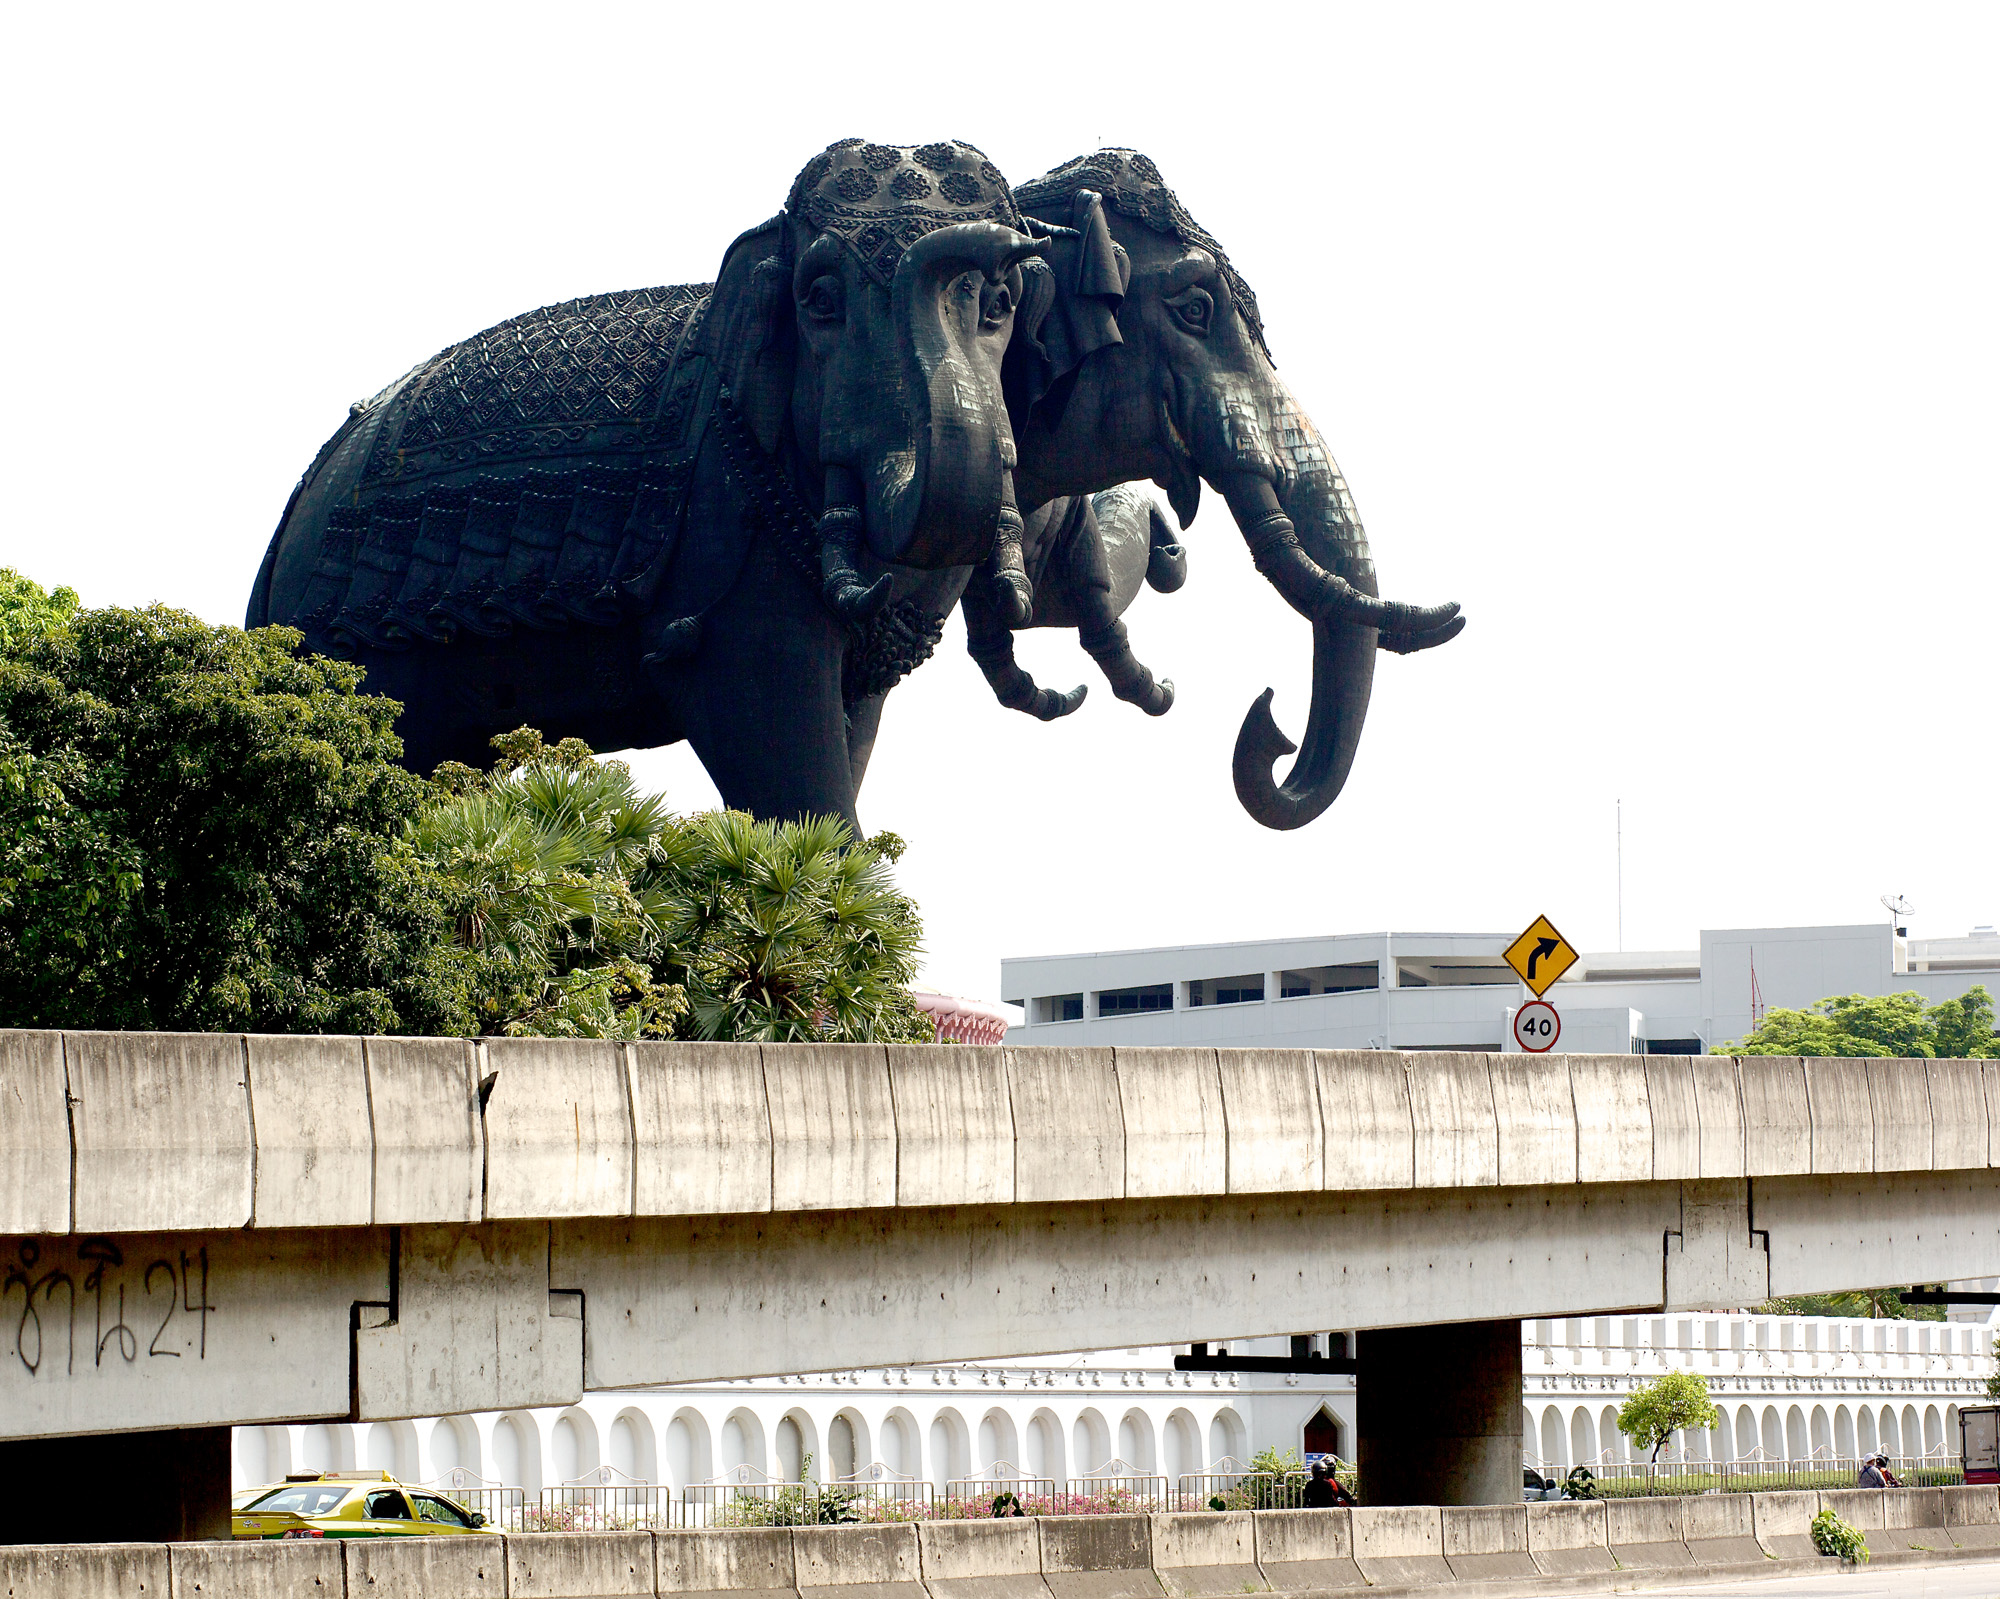 Three-headed elephant, from the road